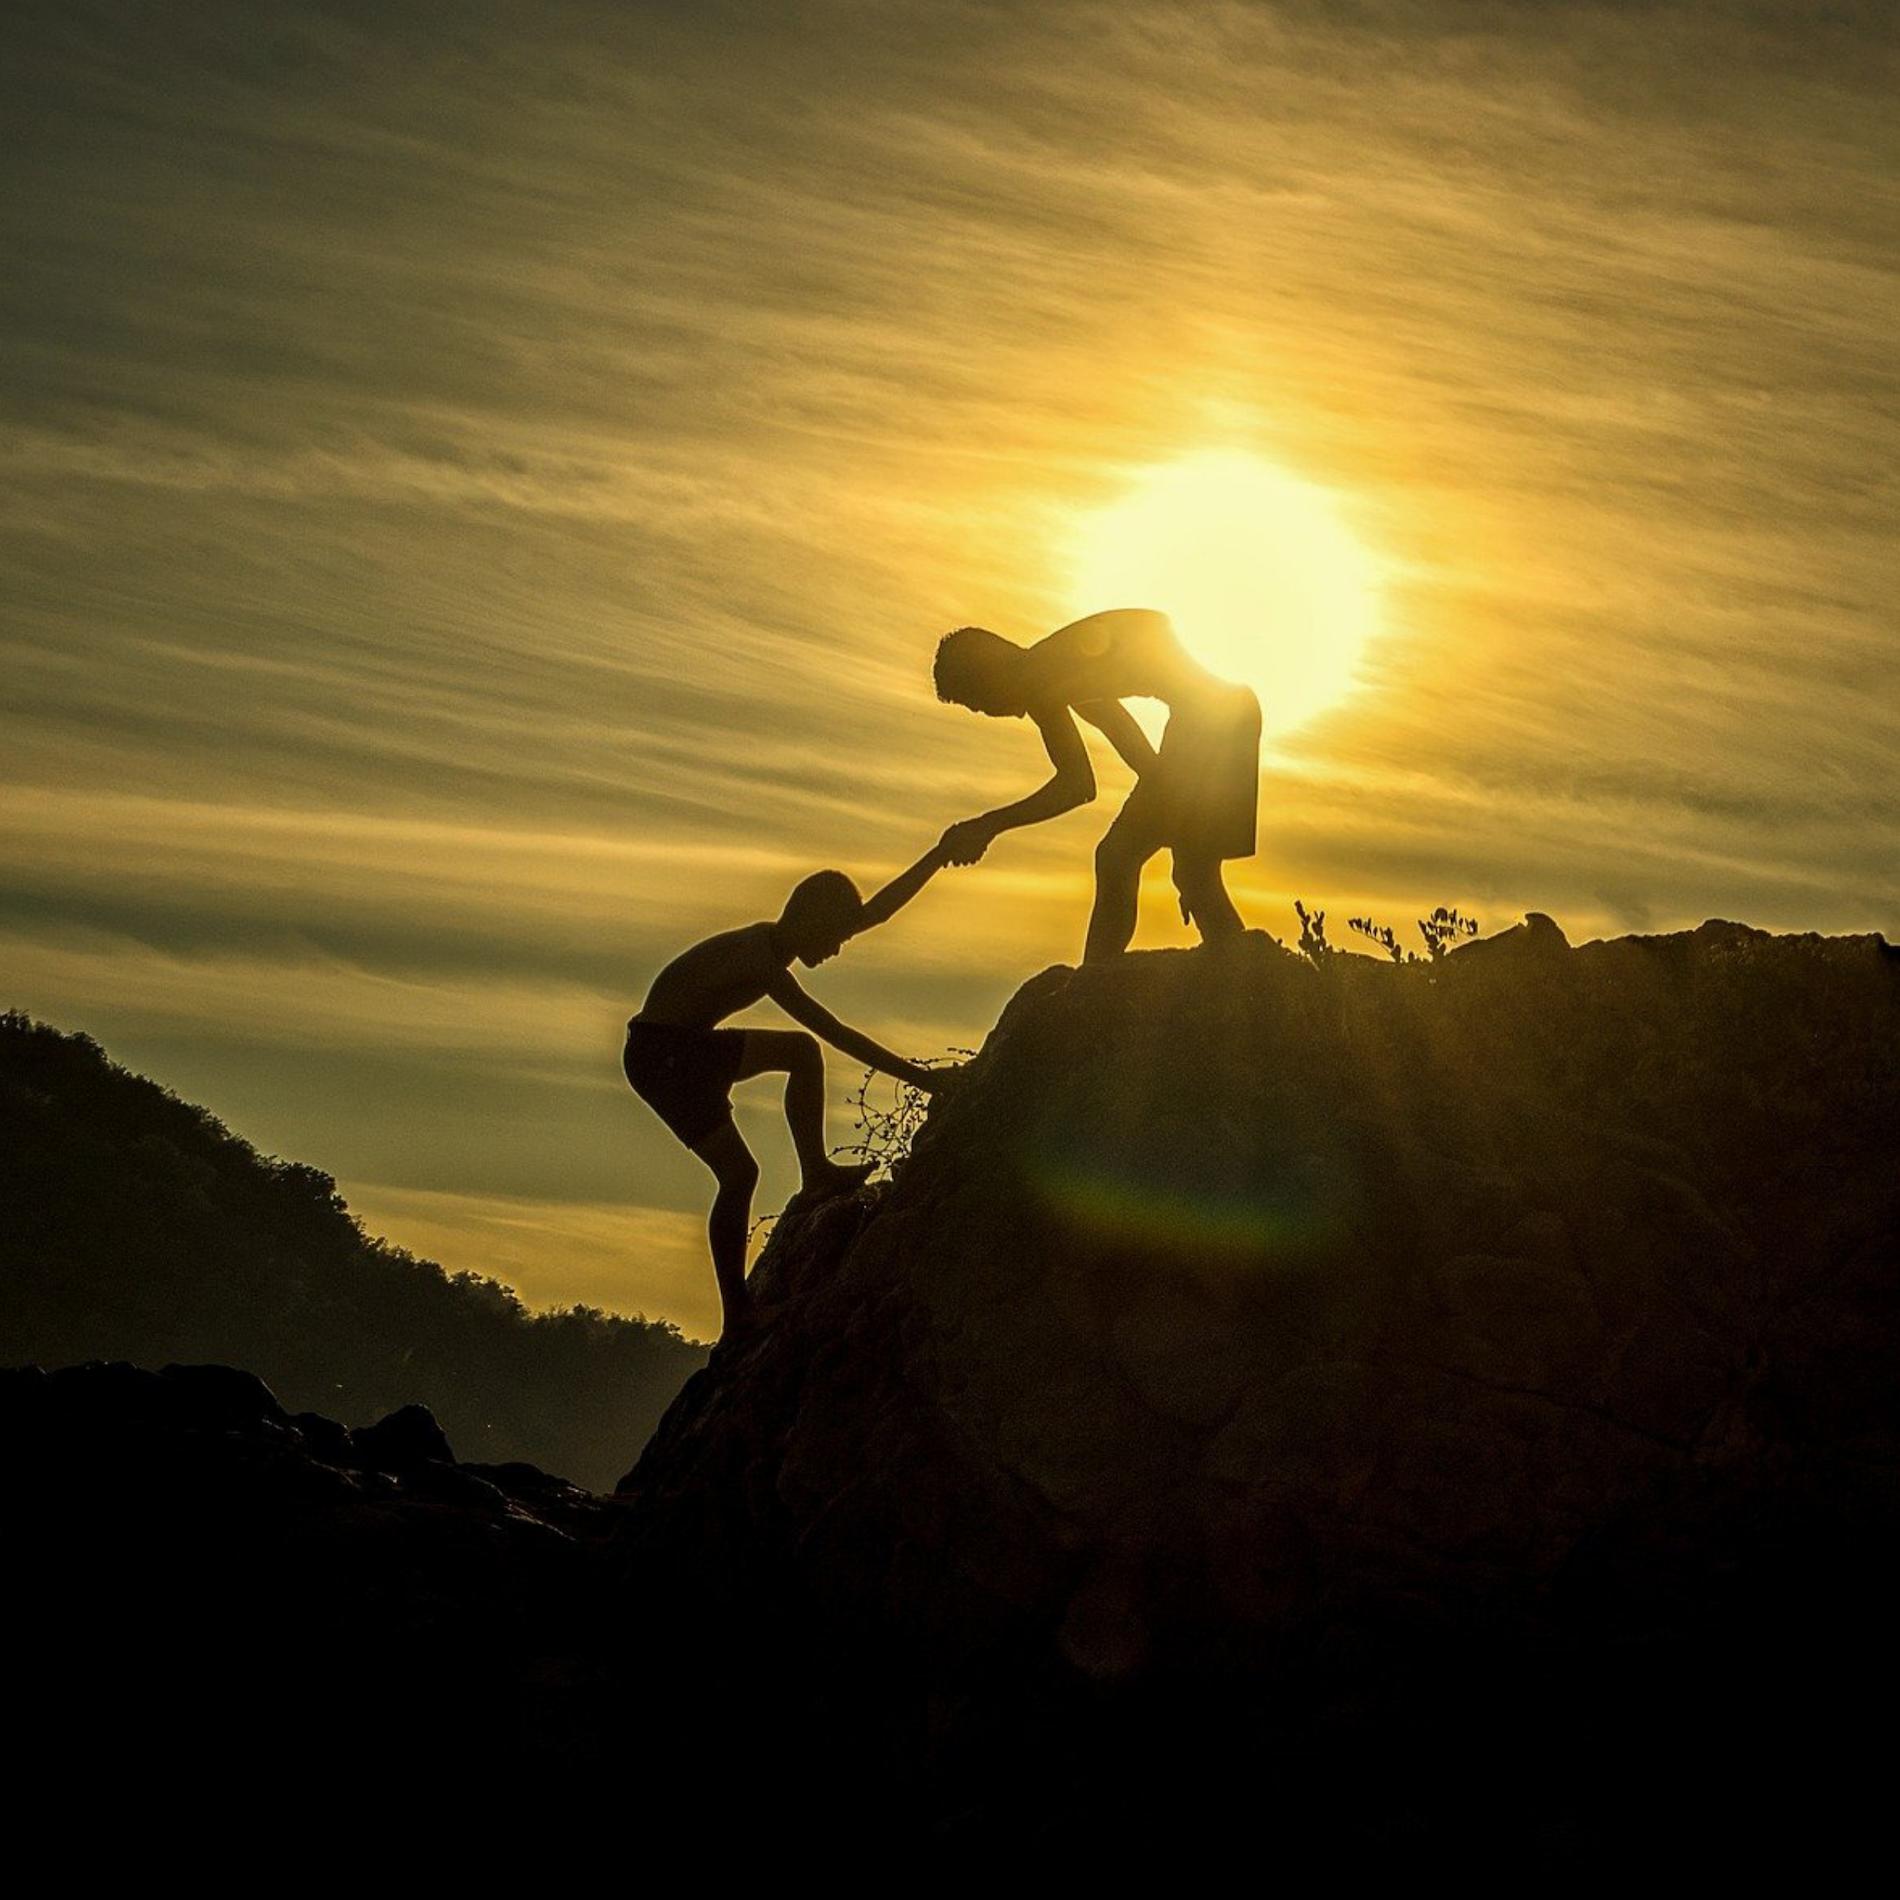 zwei Wanderer auf einem Berg mit dem Sonnenuntergang in Hintergrund. Deine hilft dem anderen.